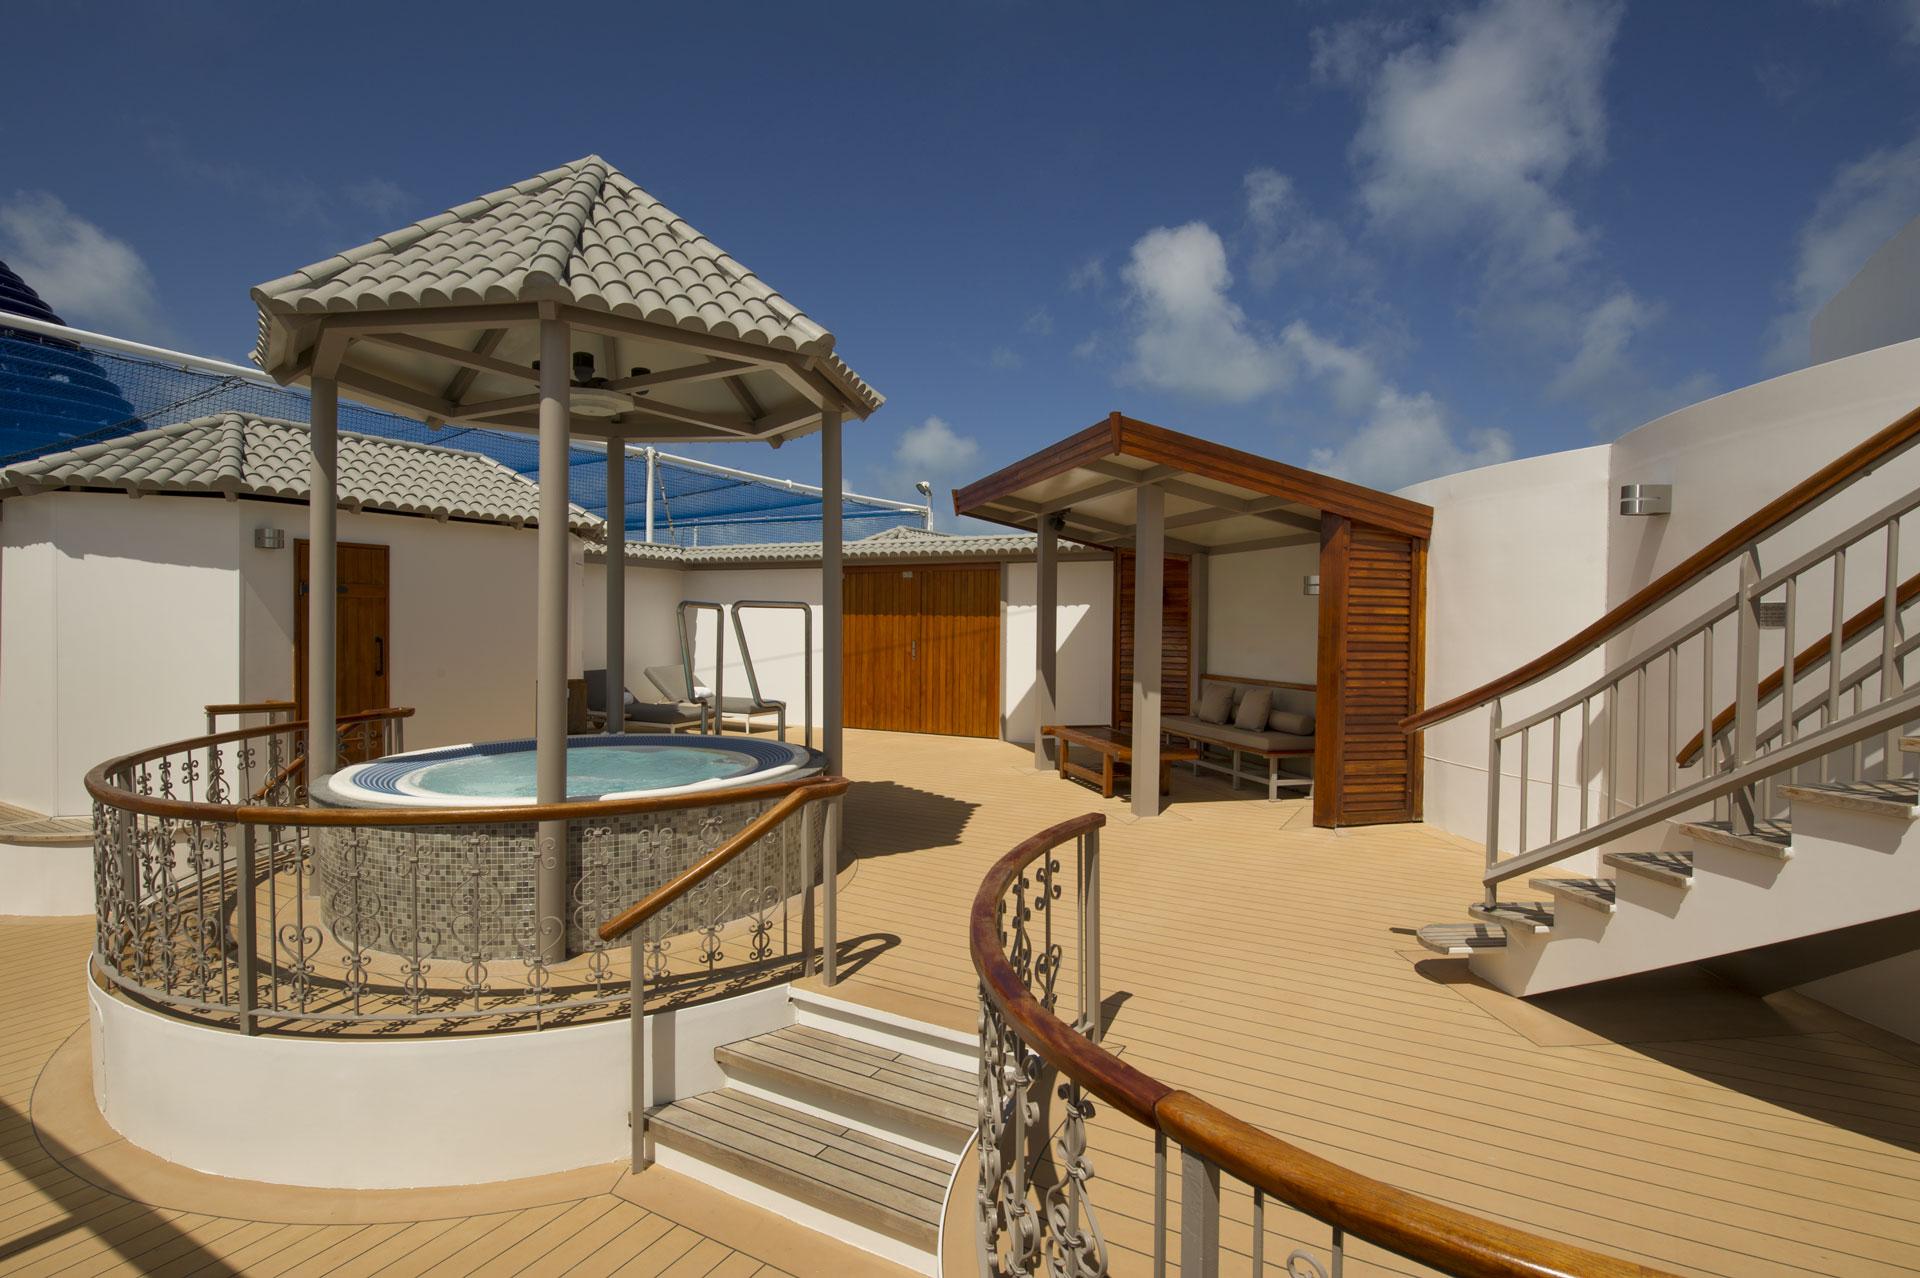 Garden Villa balcony area